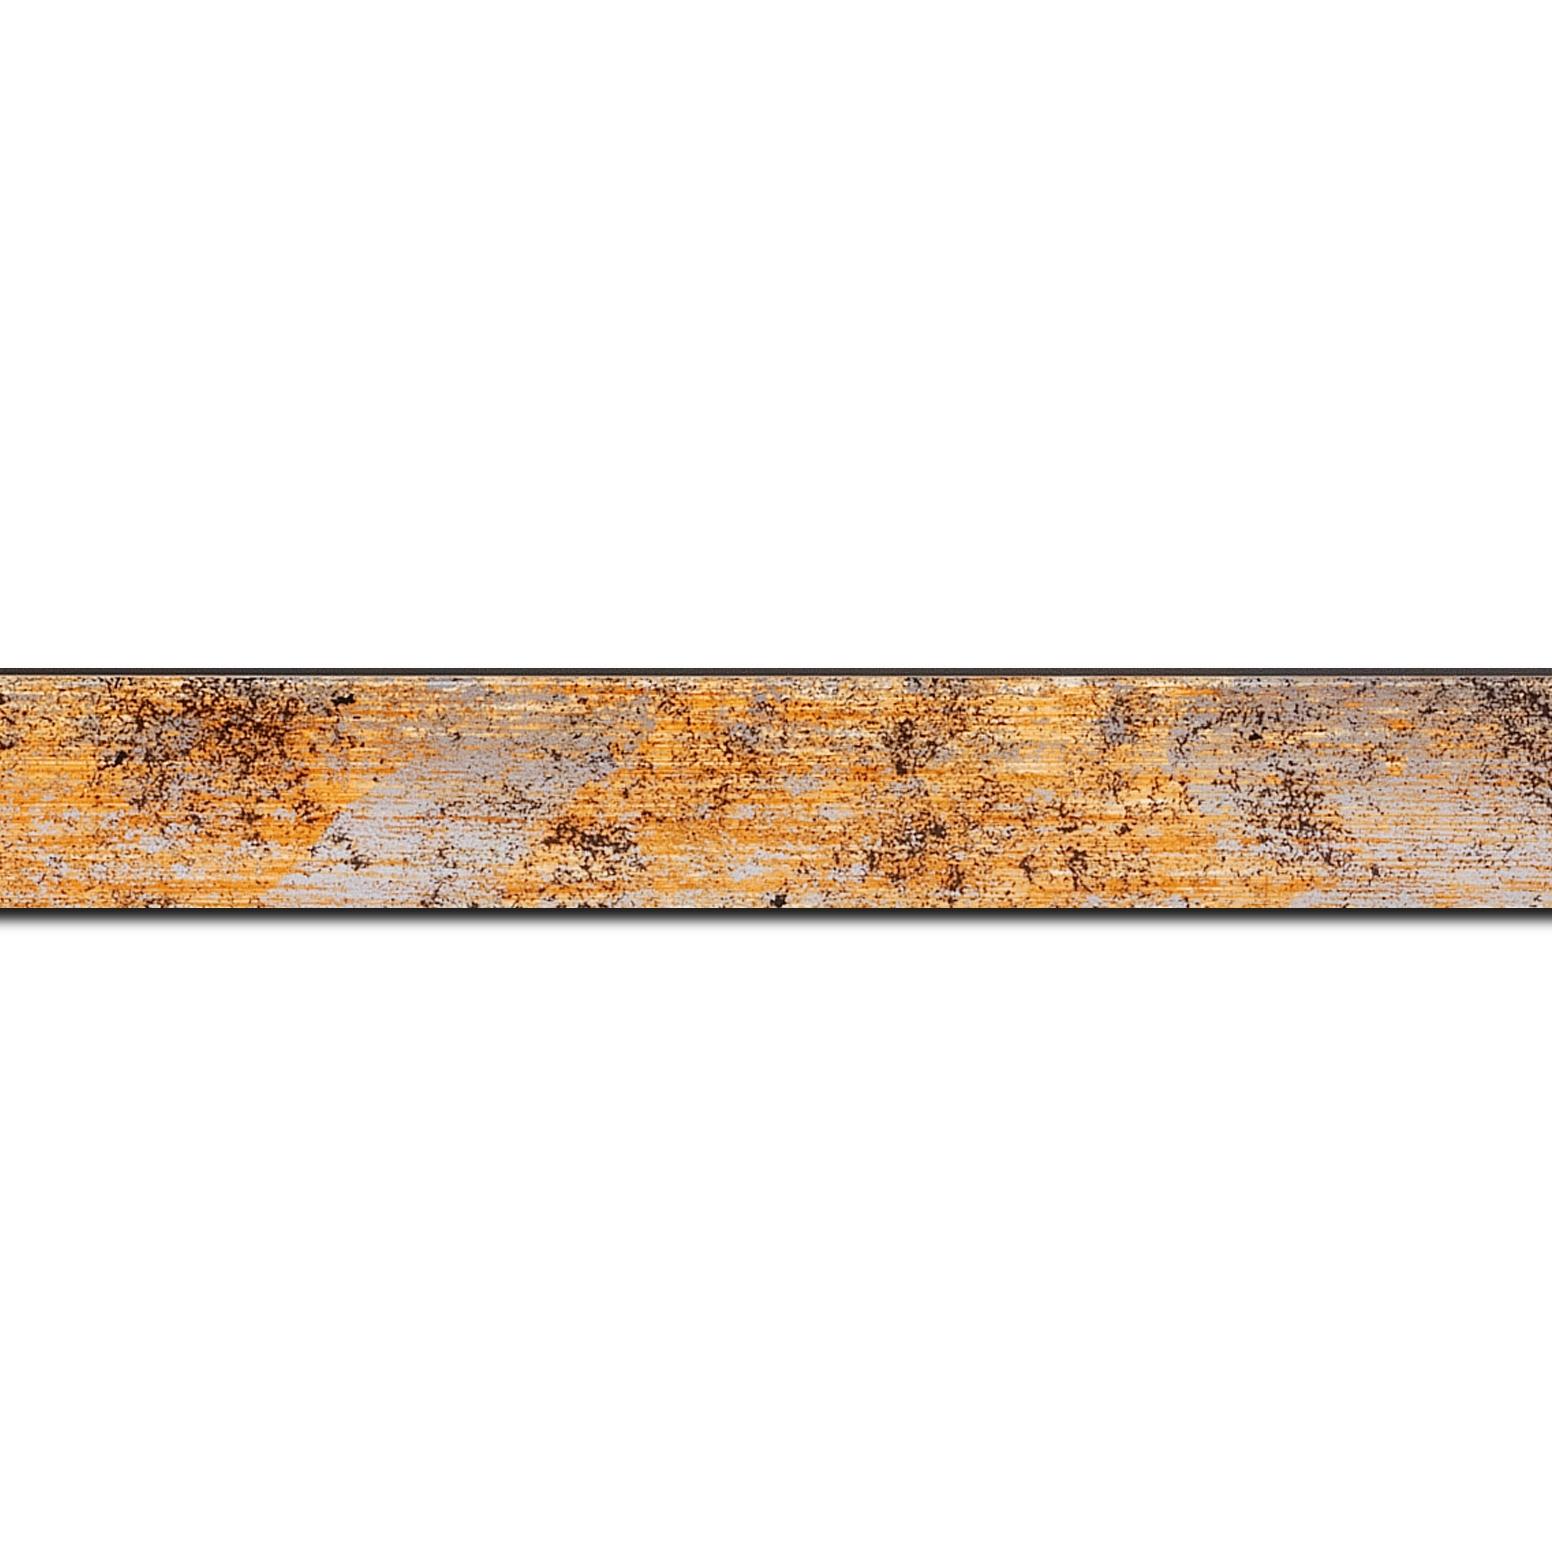 Baguette longueur 1.40m bois profil concave largeur 2.4cm de couleur orange moucheté fond argent